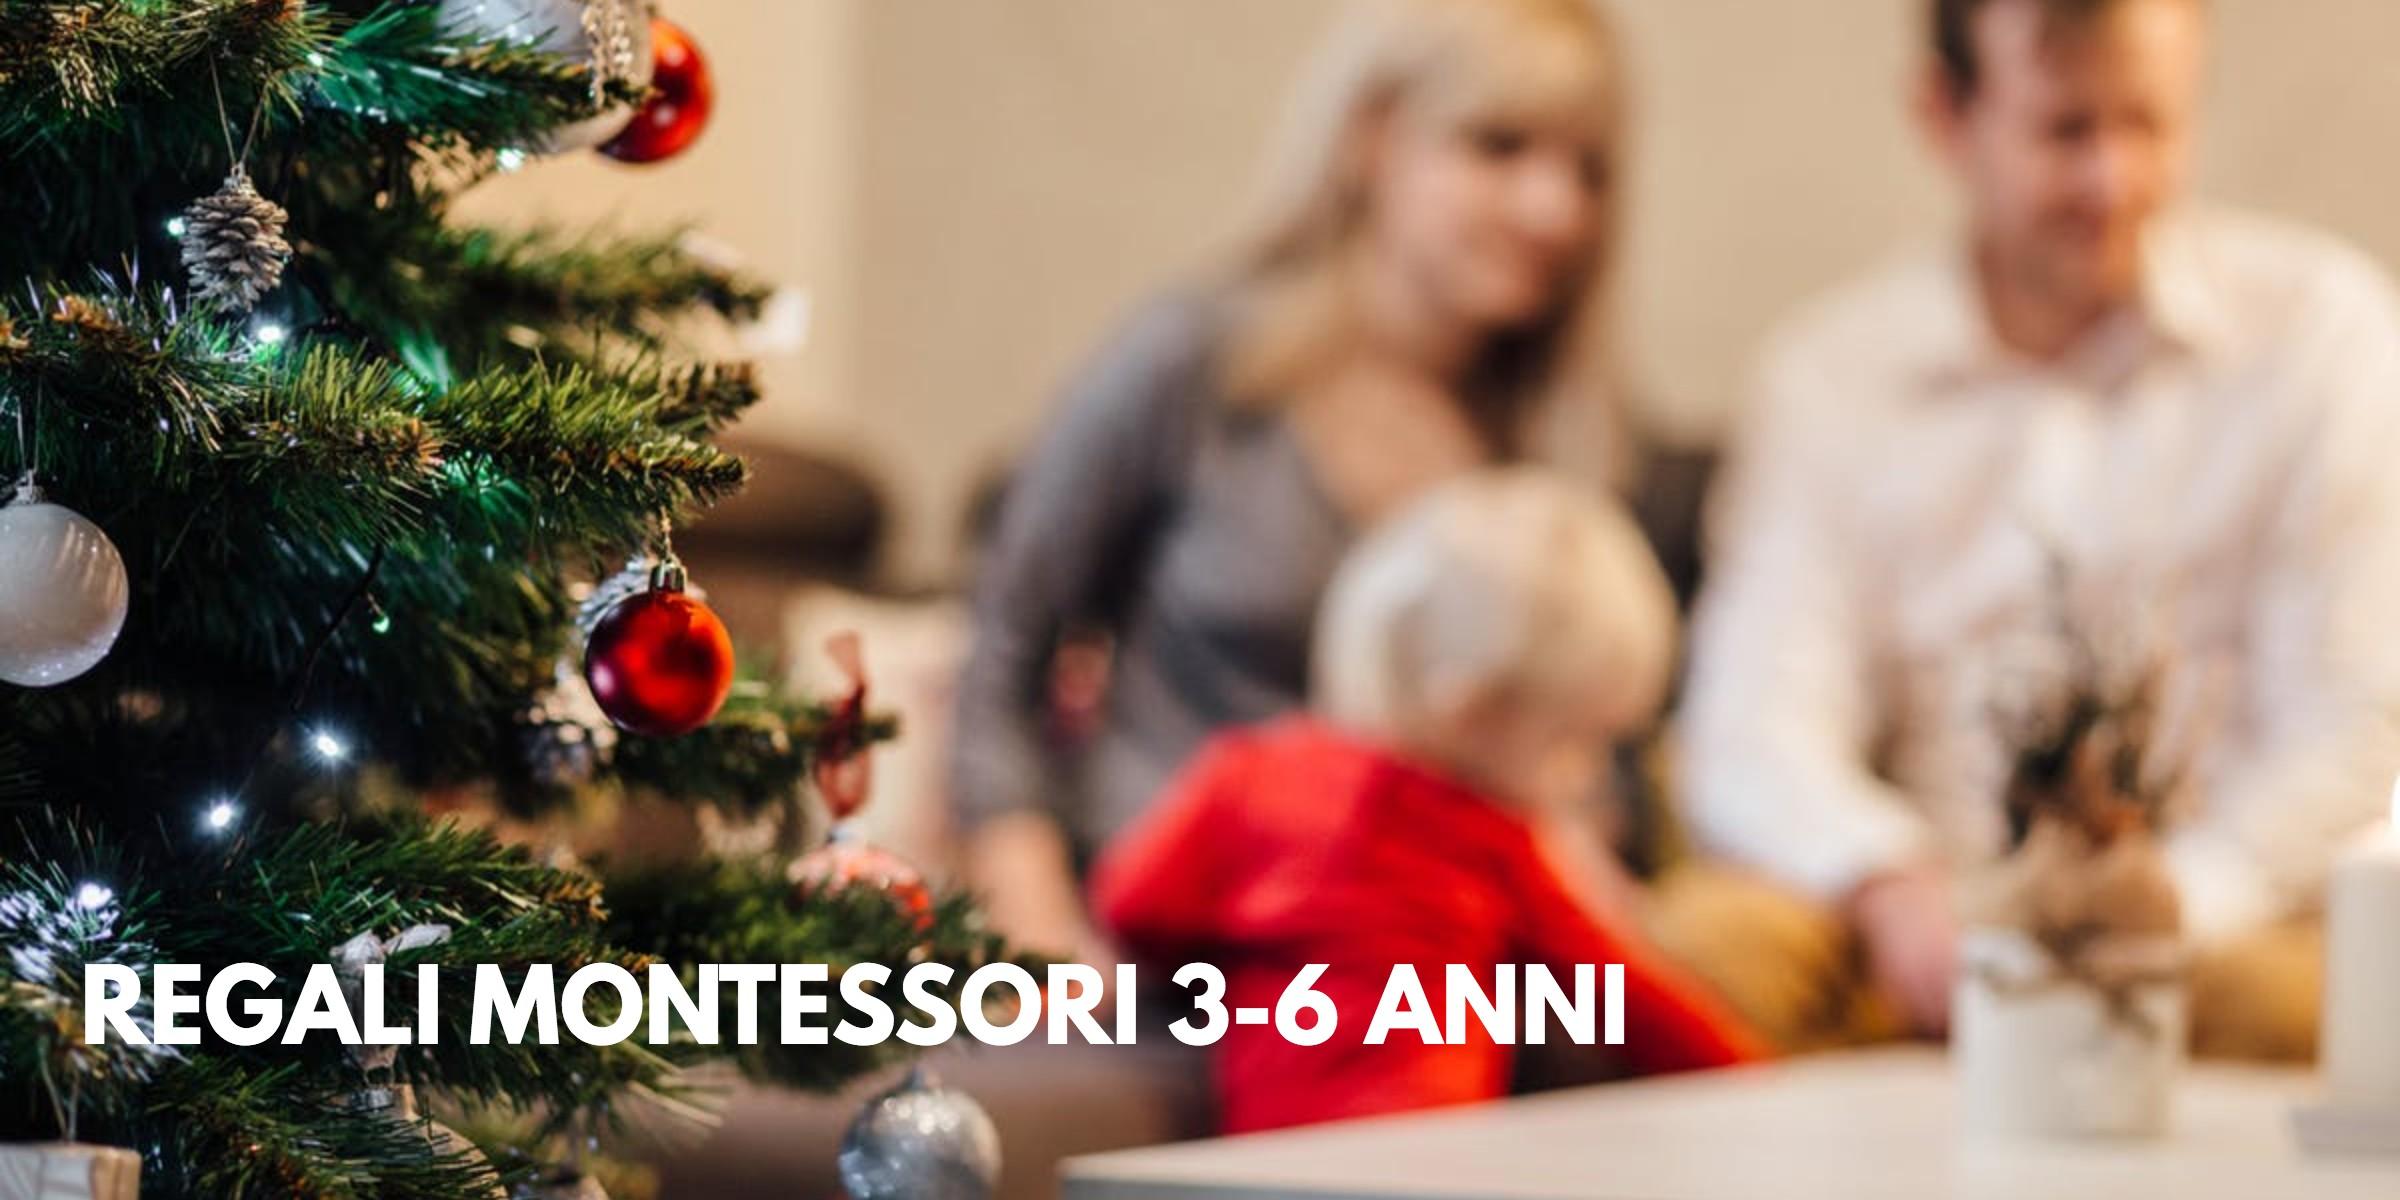 Regali Di Natale 3 Anni.Regali In Stile Montessoriano 3 6 Anni